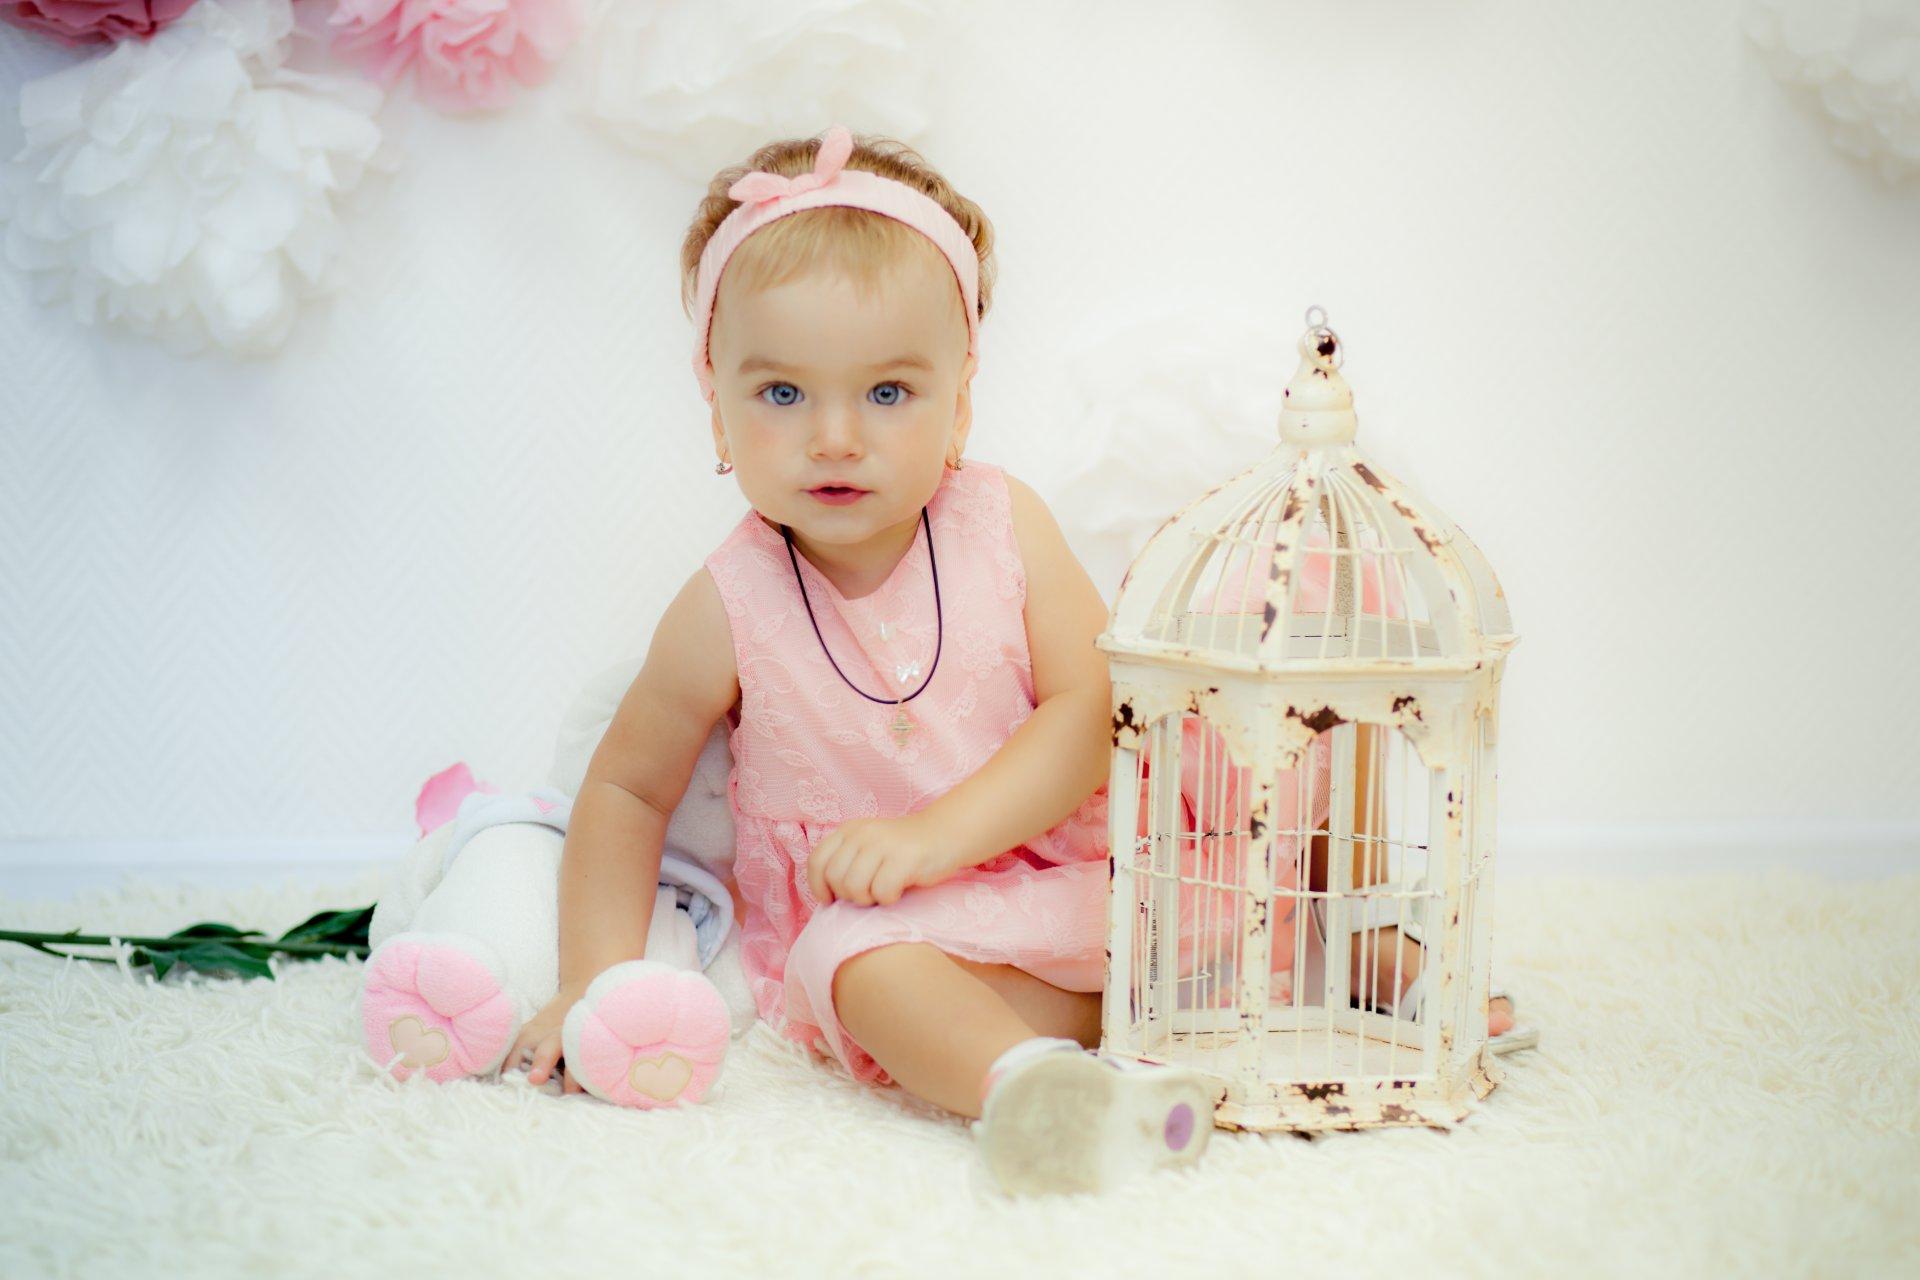 Телки профессиональное фото красивых девушек с игрушками яной мамкиной смотреть